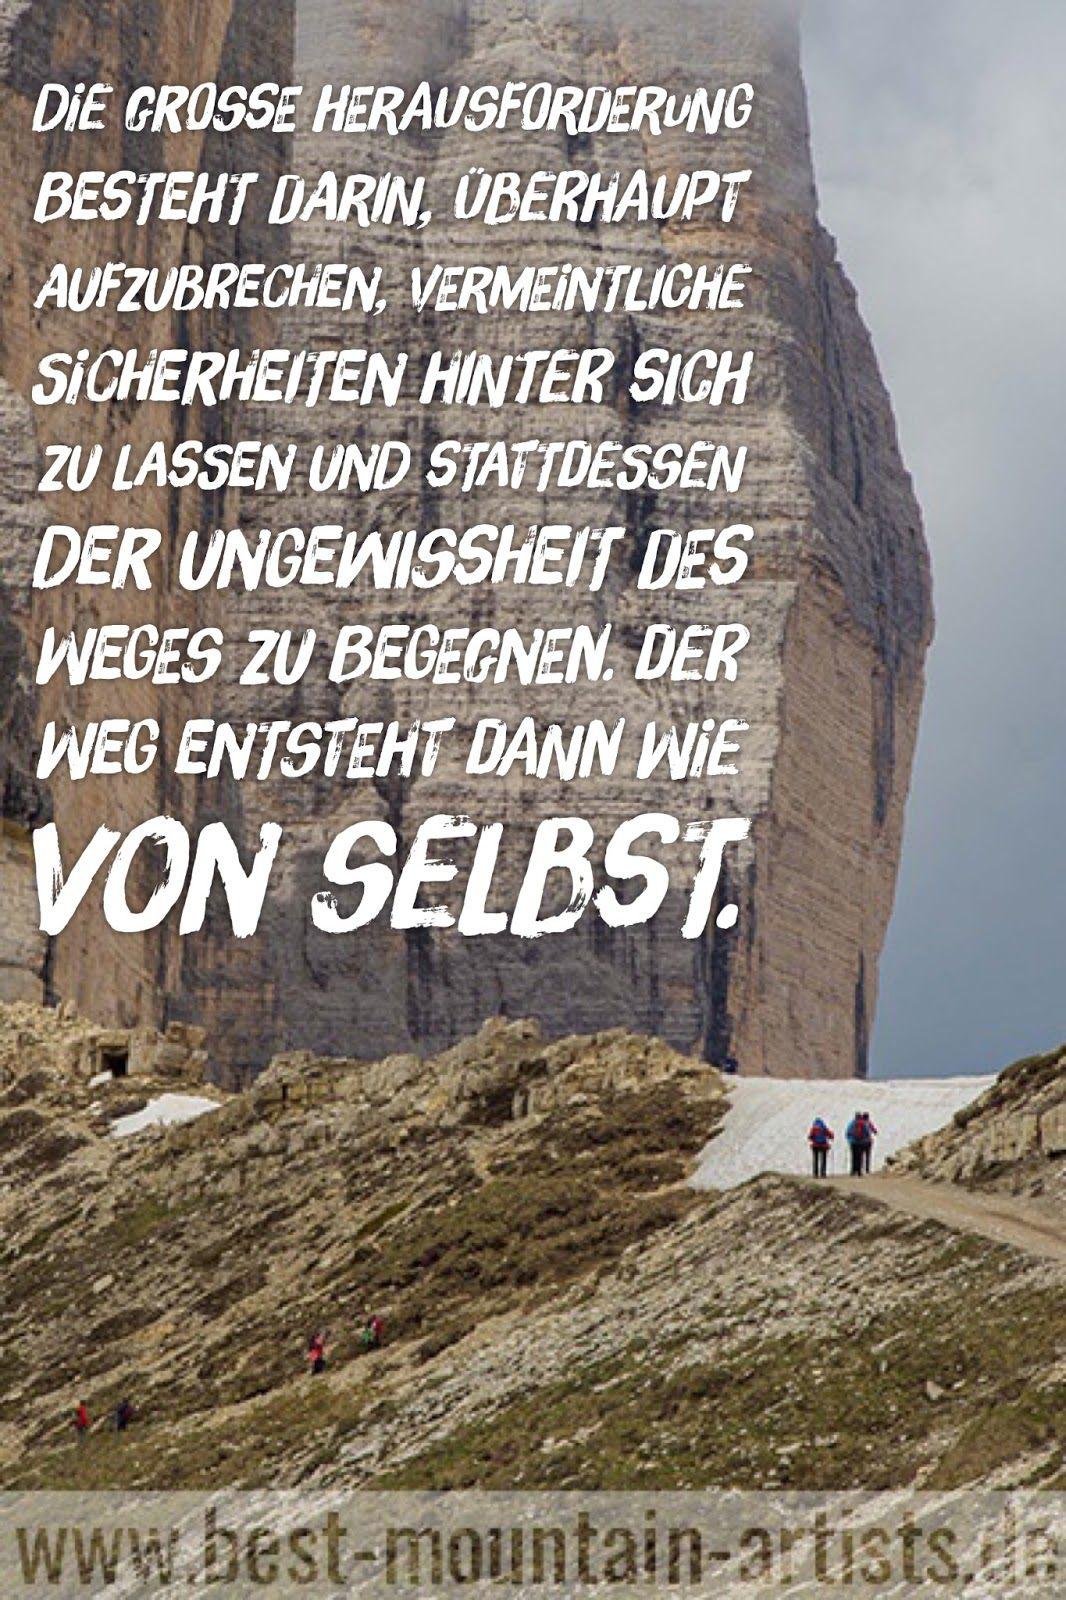 Die 100 Besten Wanderzitate Zitat Wand Zitate Reisen Und